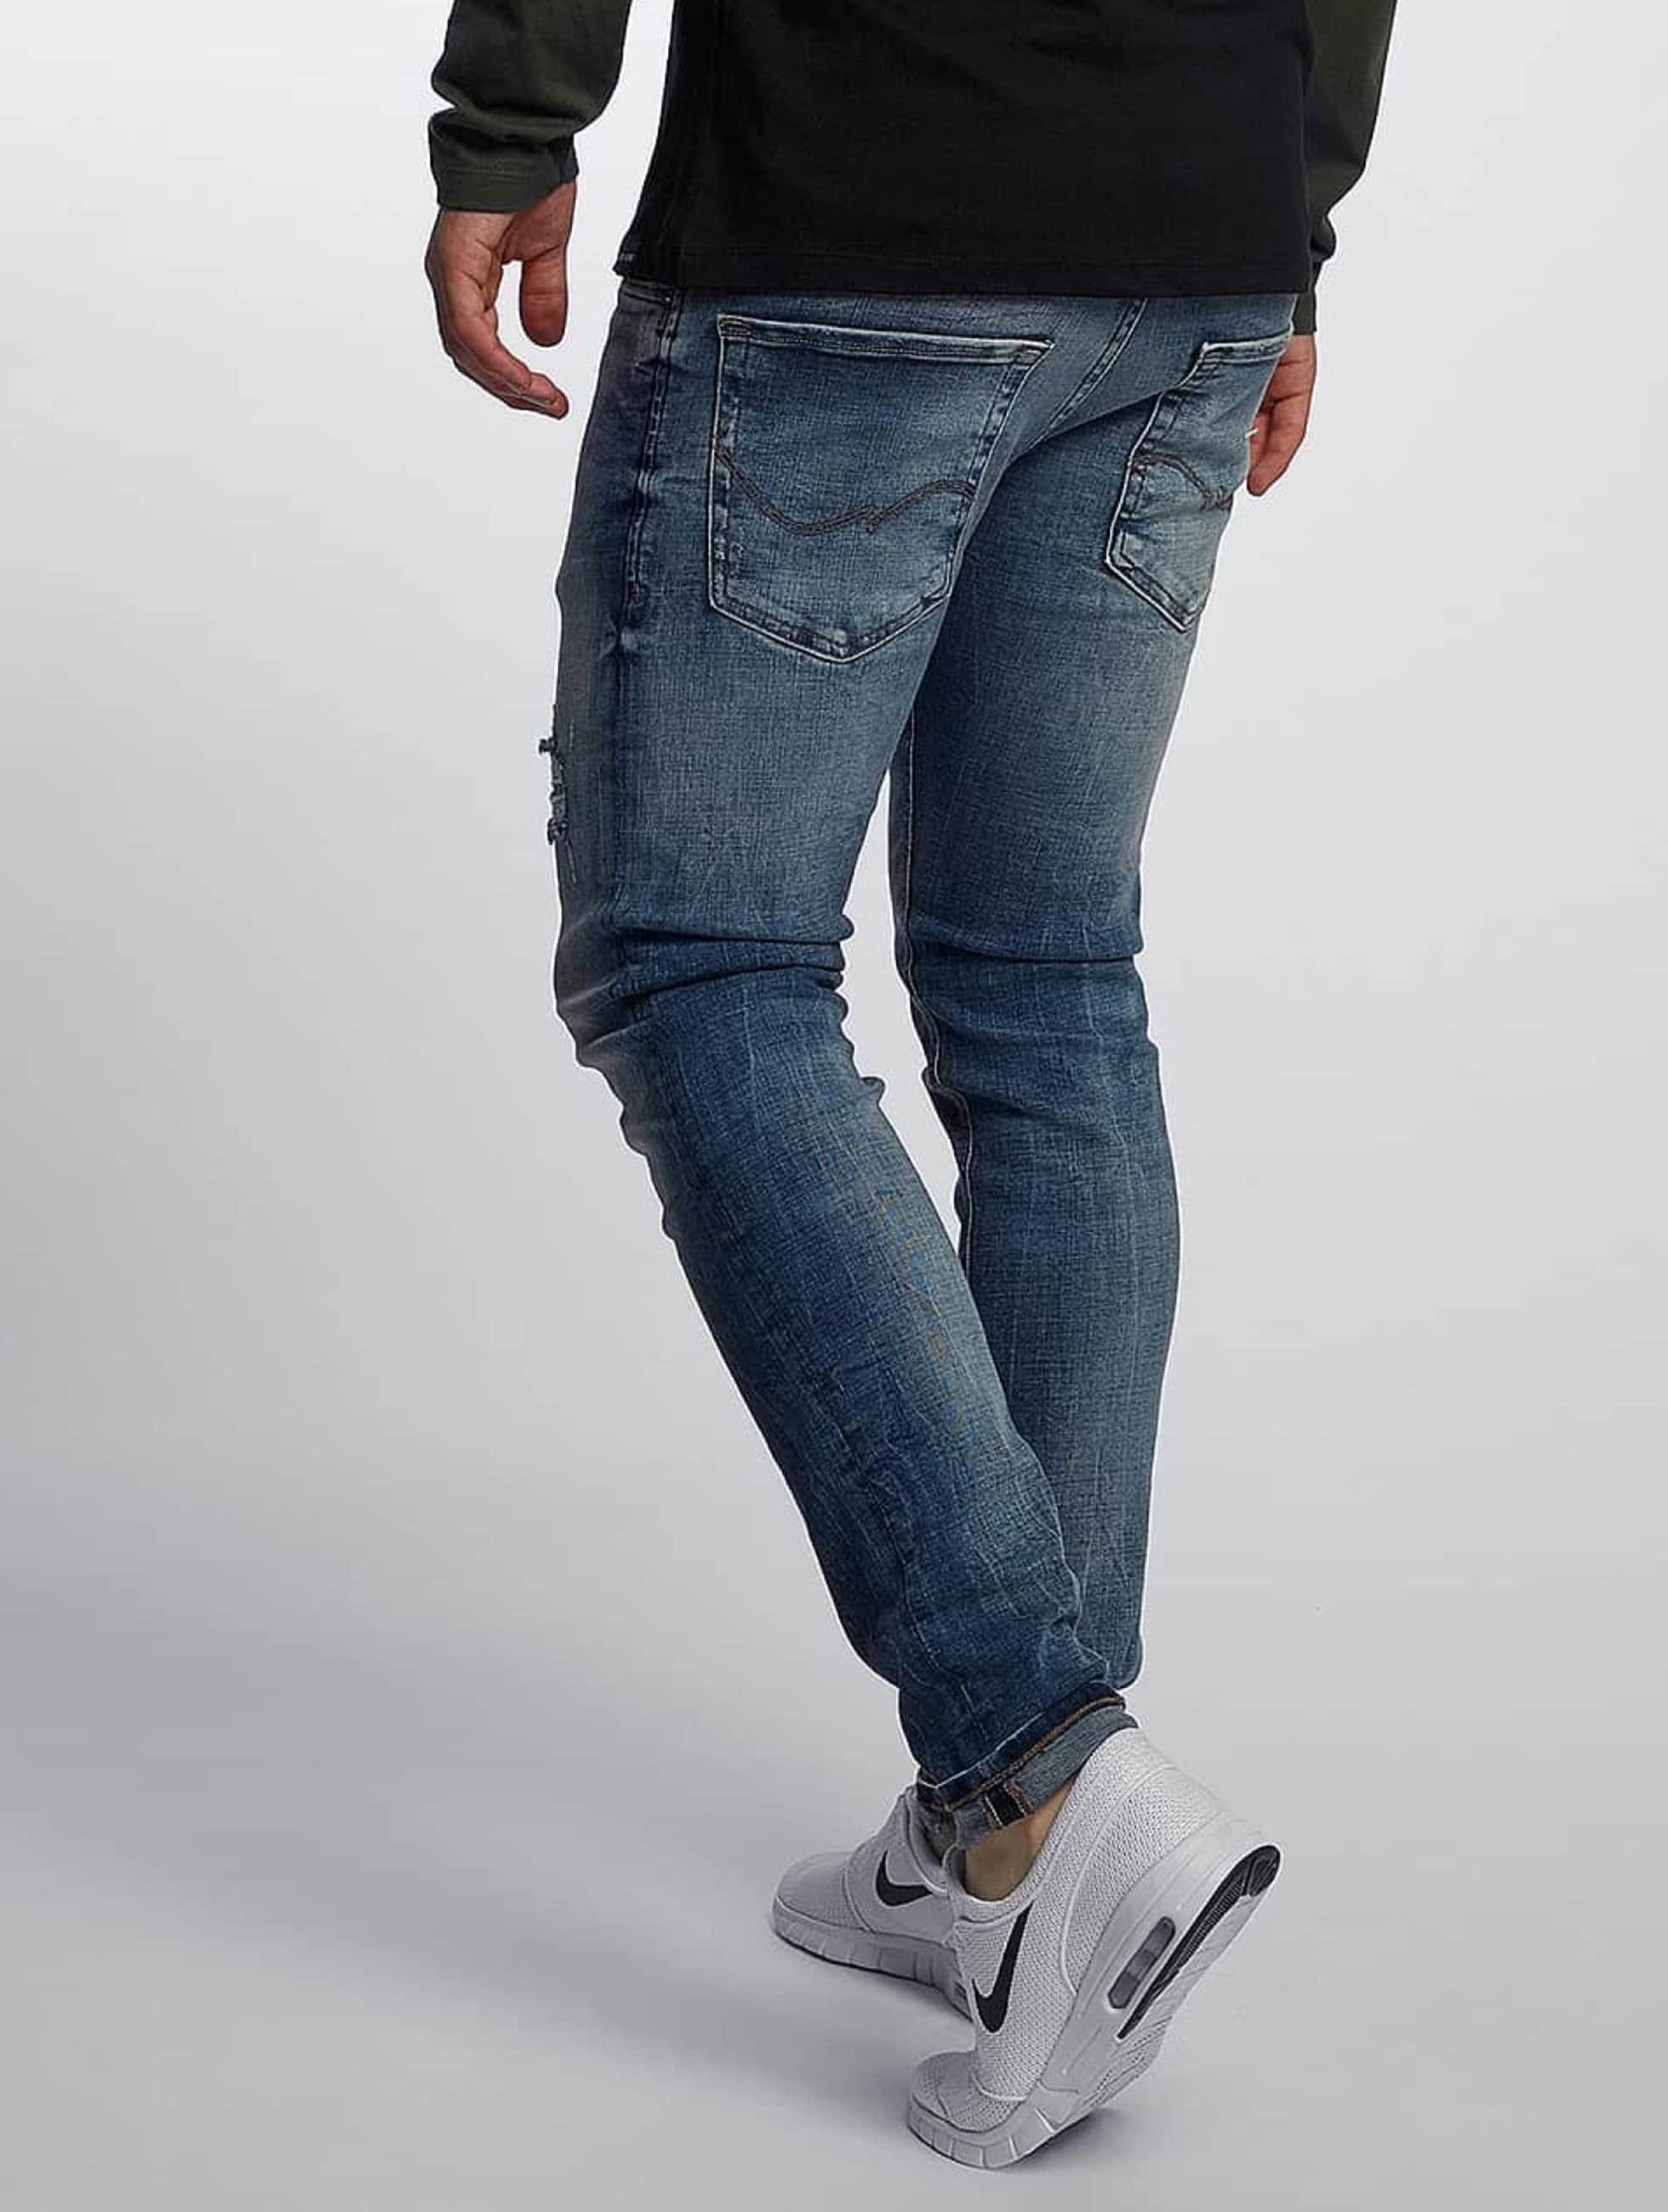 jack jones jeans slim fit jeans glenn original jos 788. Black Bedroom Furniture Sets. Home Design Ideas